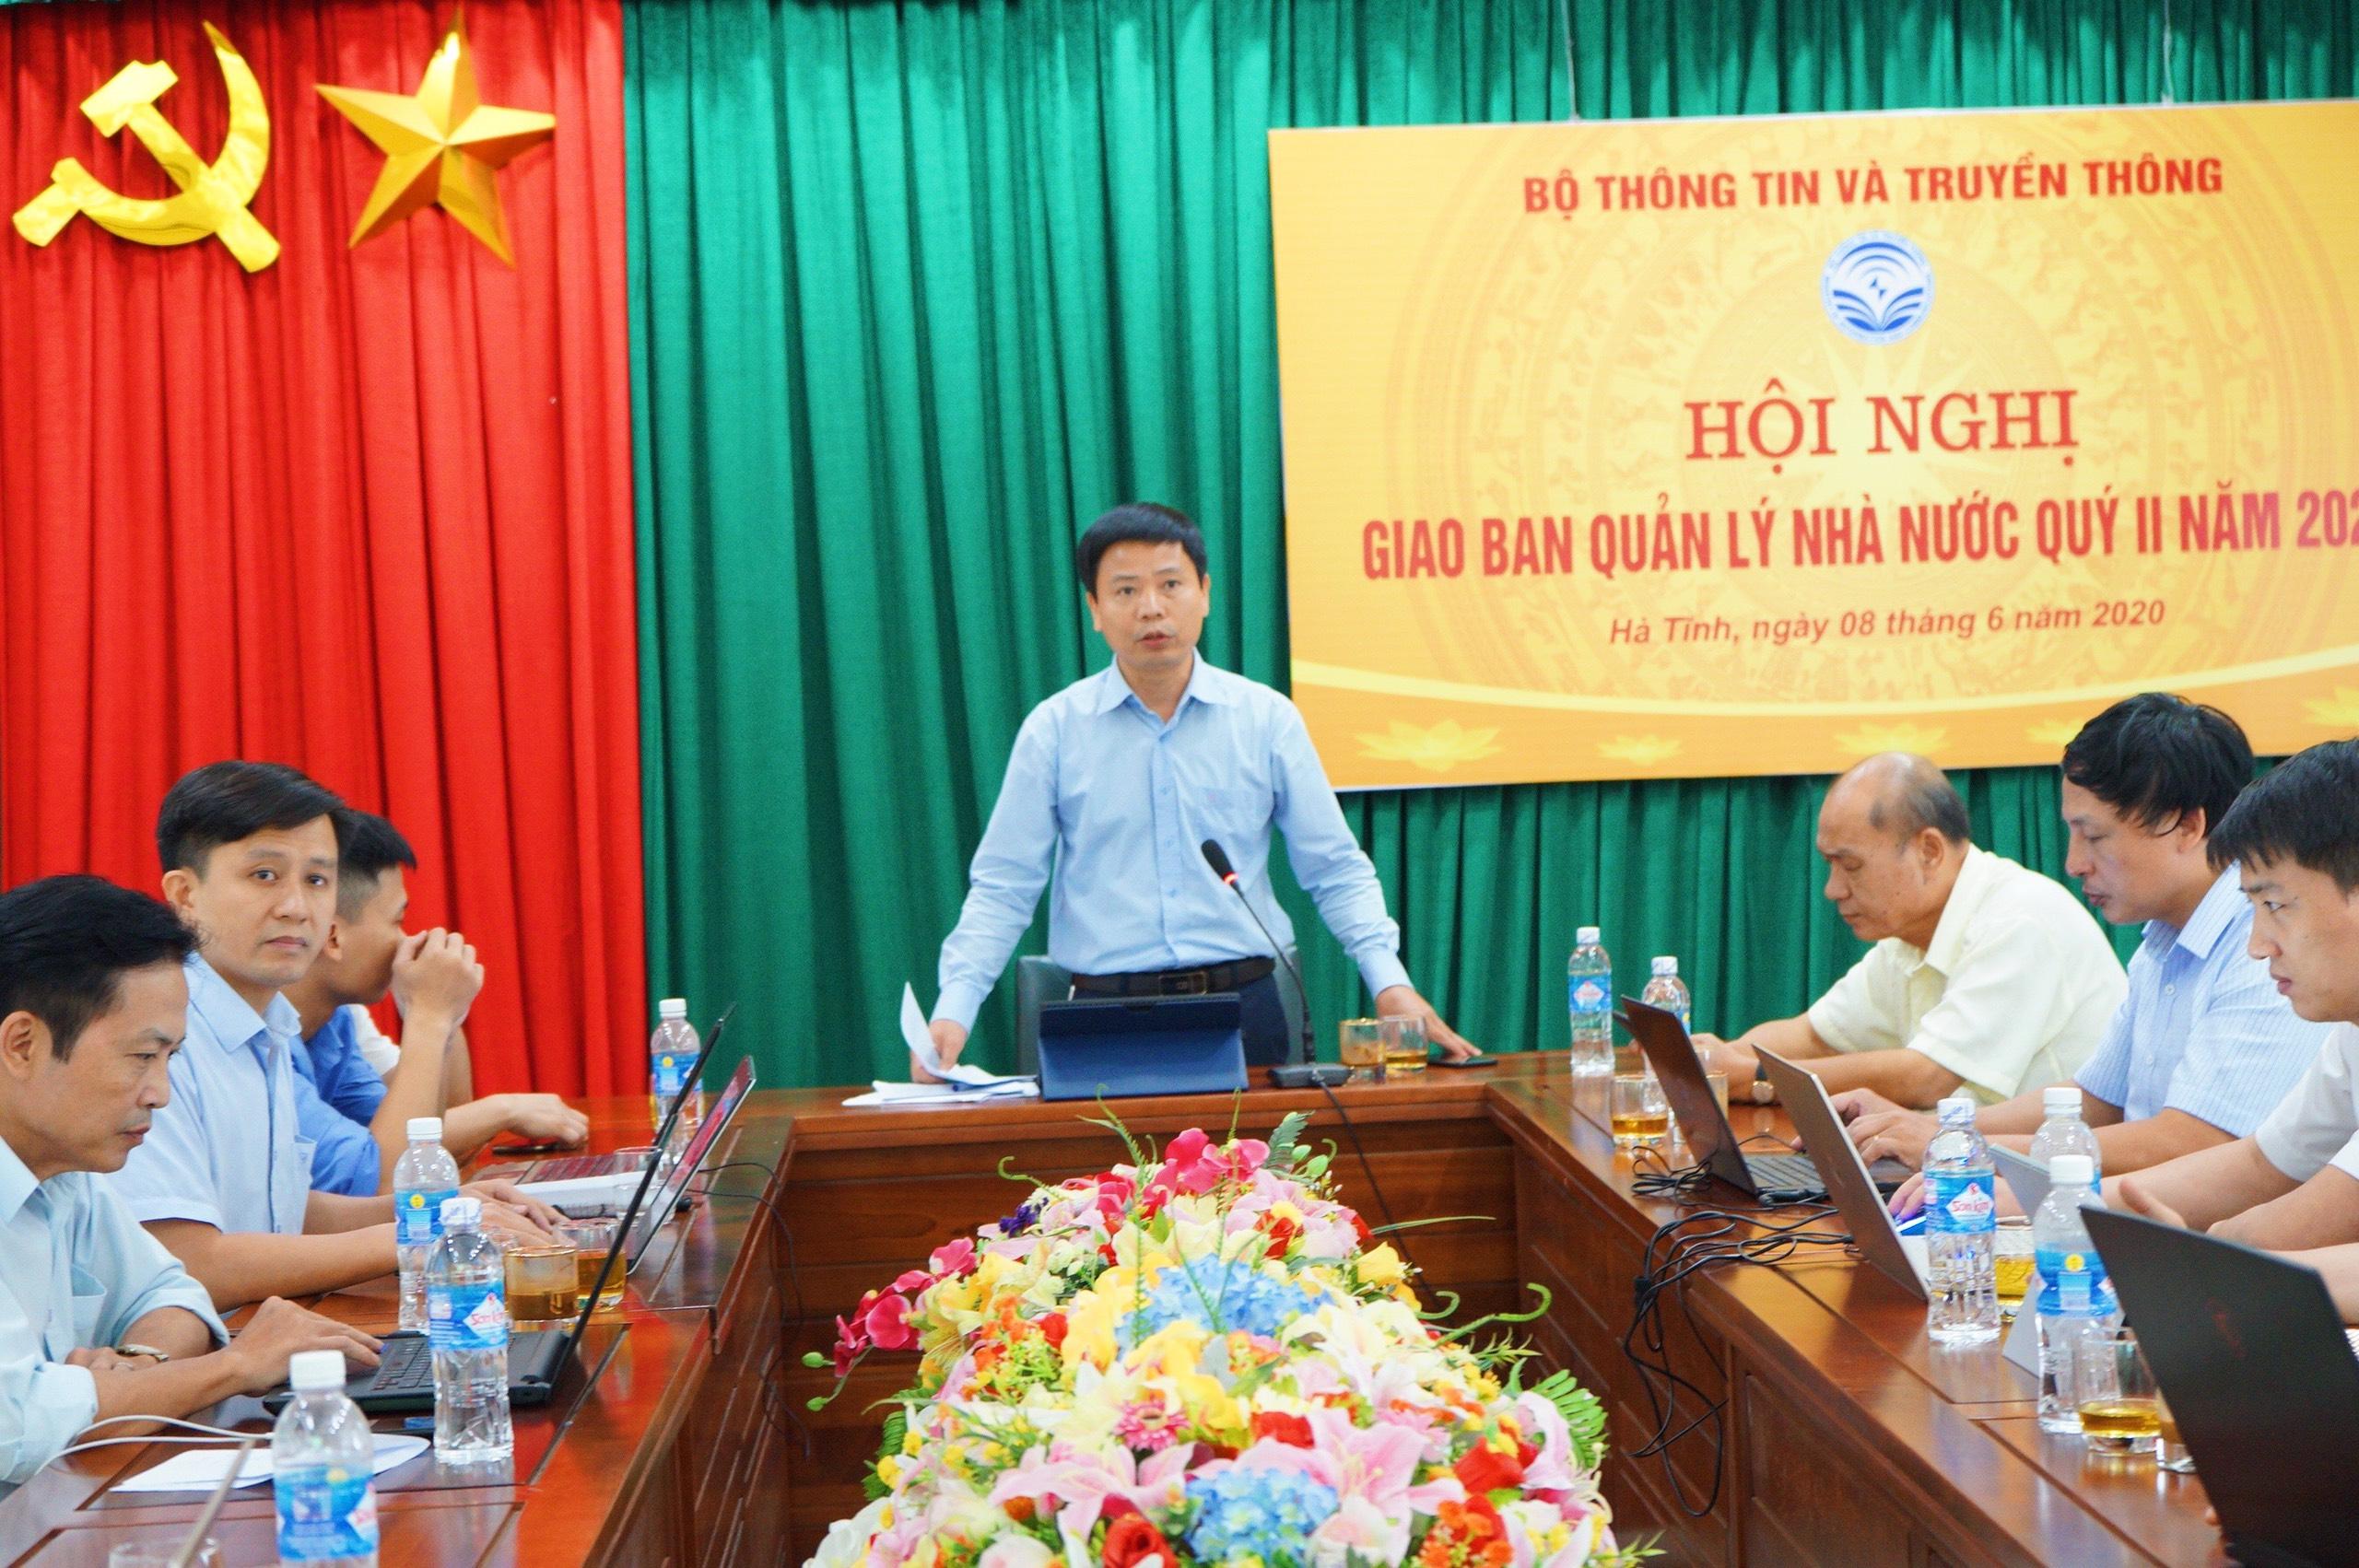 Bộ TTTT tổ chức hội nghị trực tuyến giao ban QLNN Quý II/2020